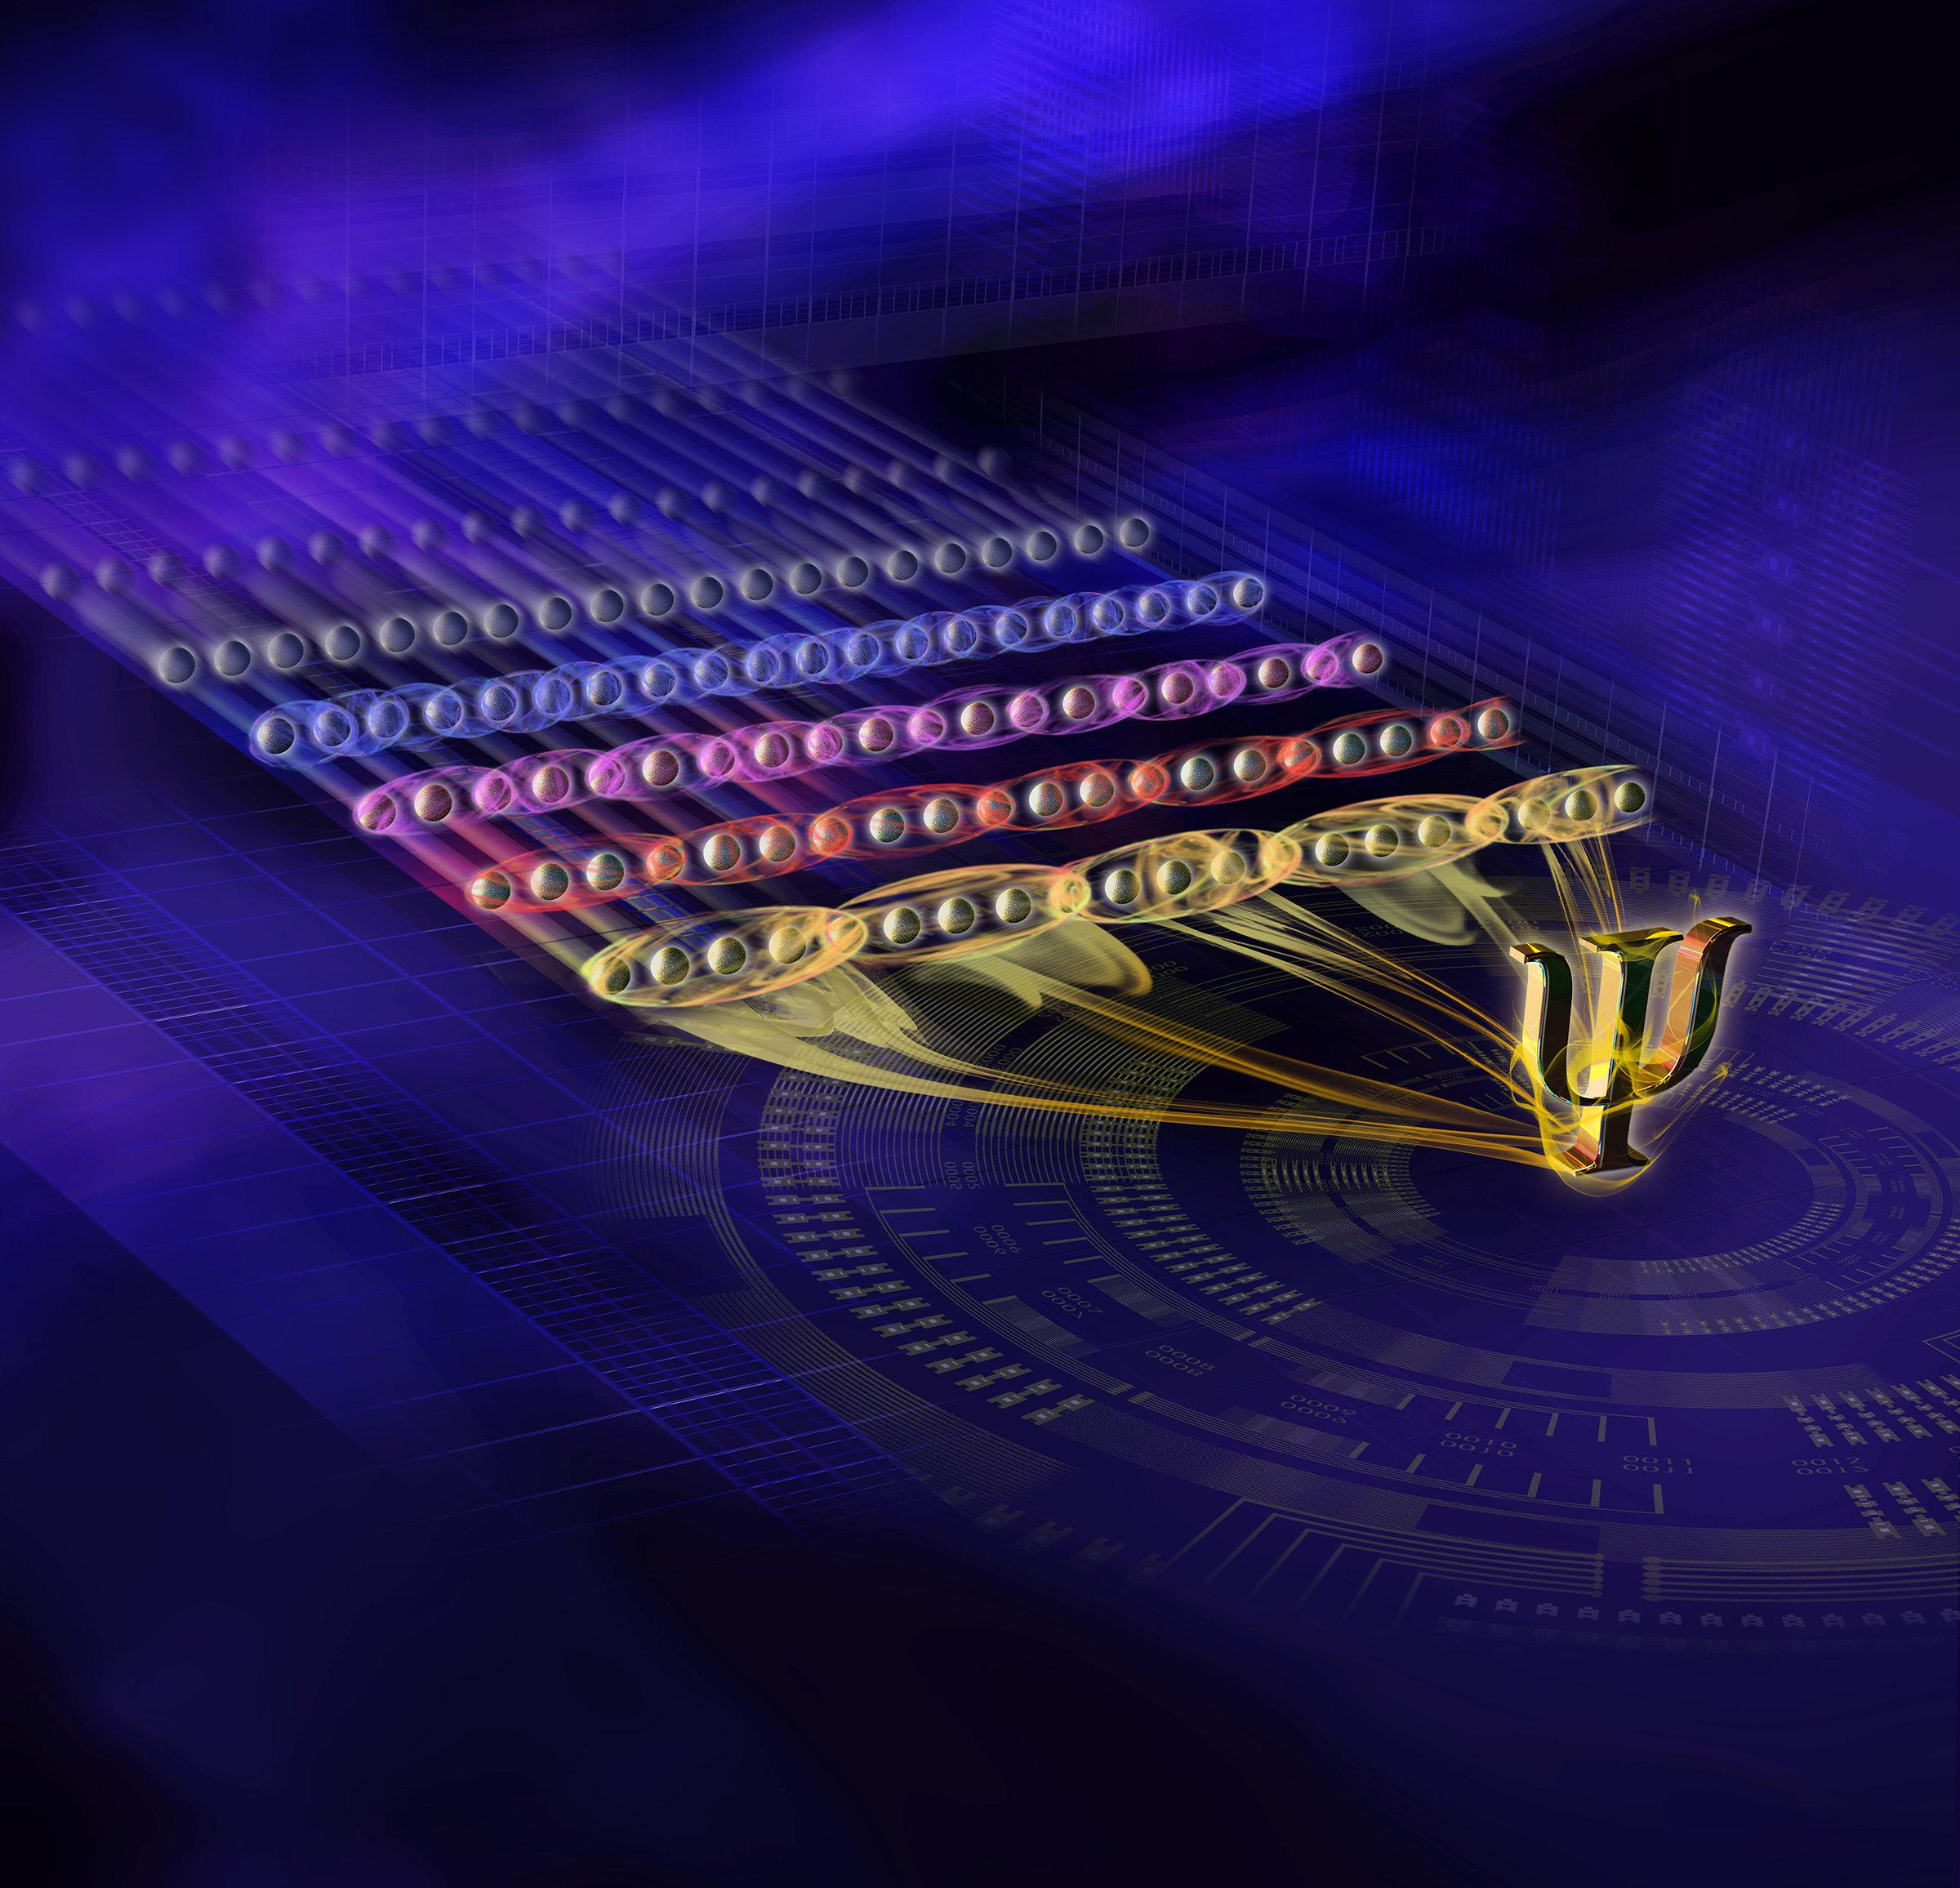 El Entrelazamiento Cuántico (EC)